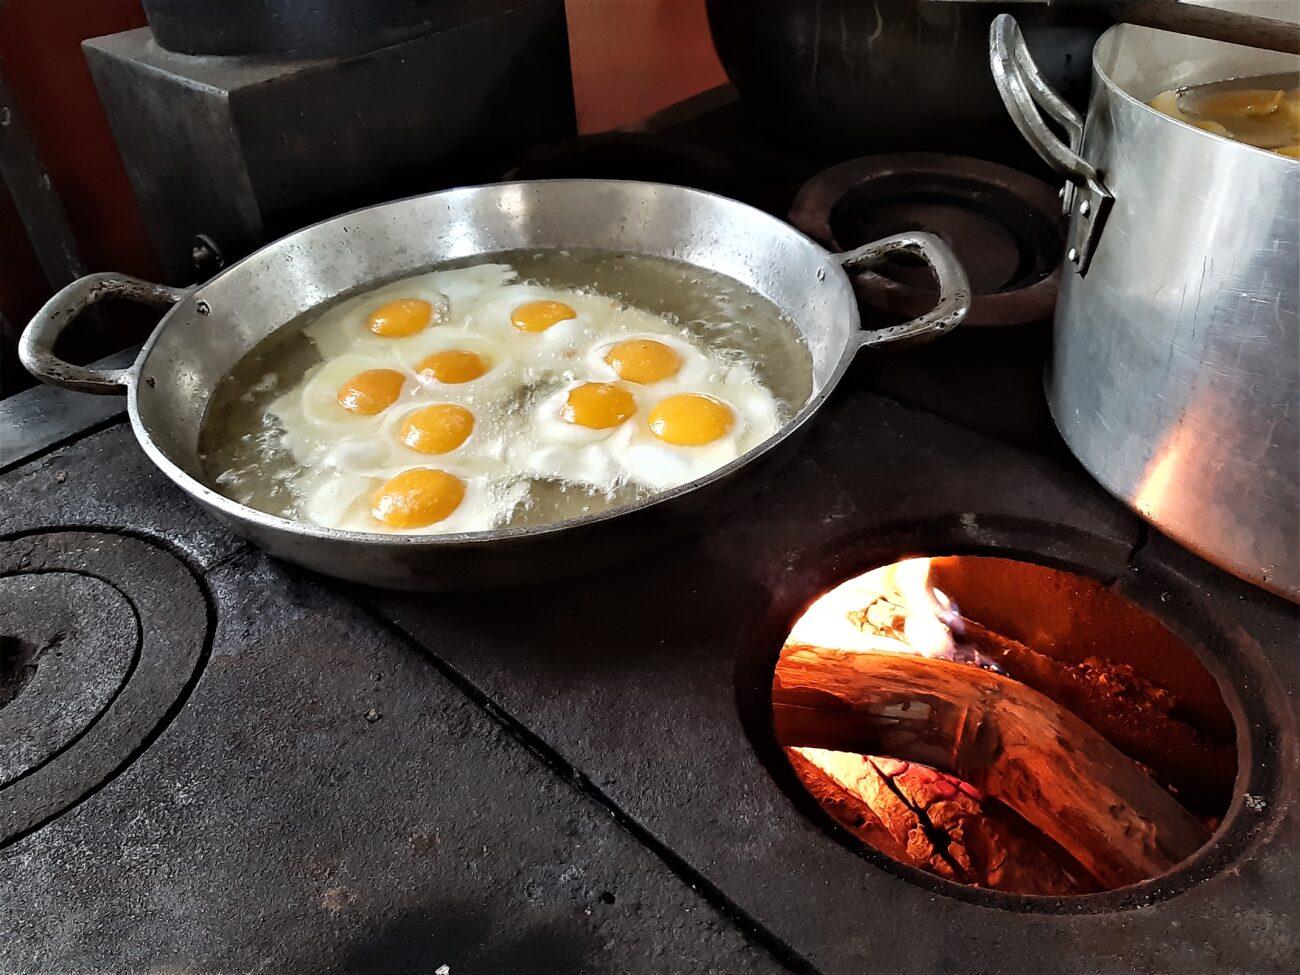 A refeição aos visitantes é preparada no fogão a lenha. Acervo pessoal